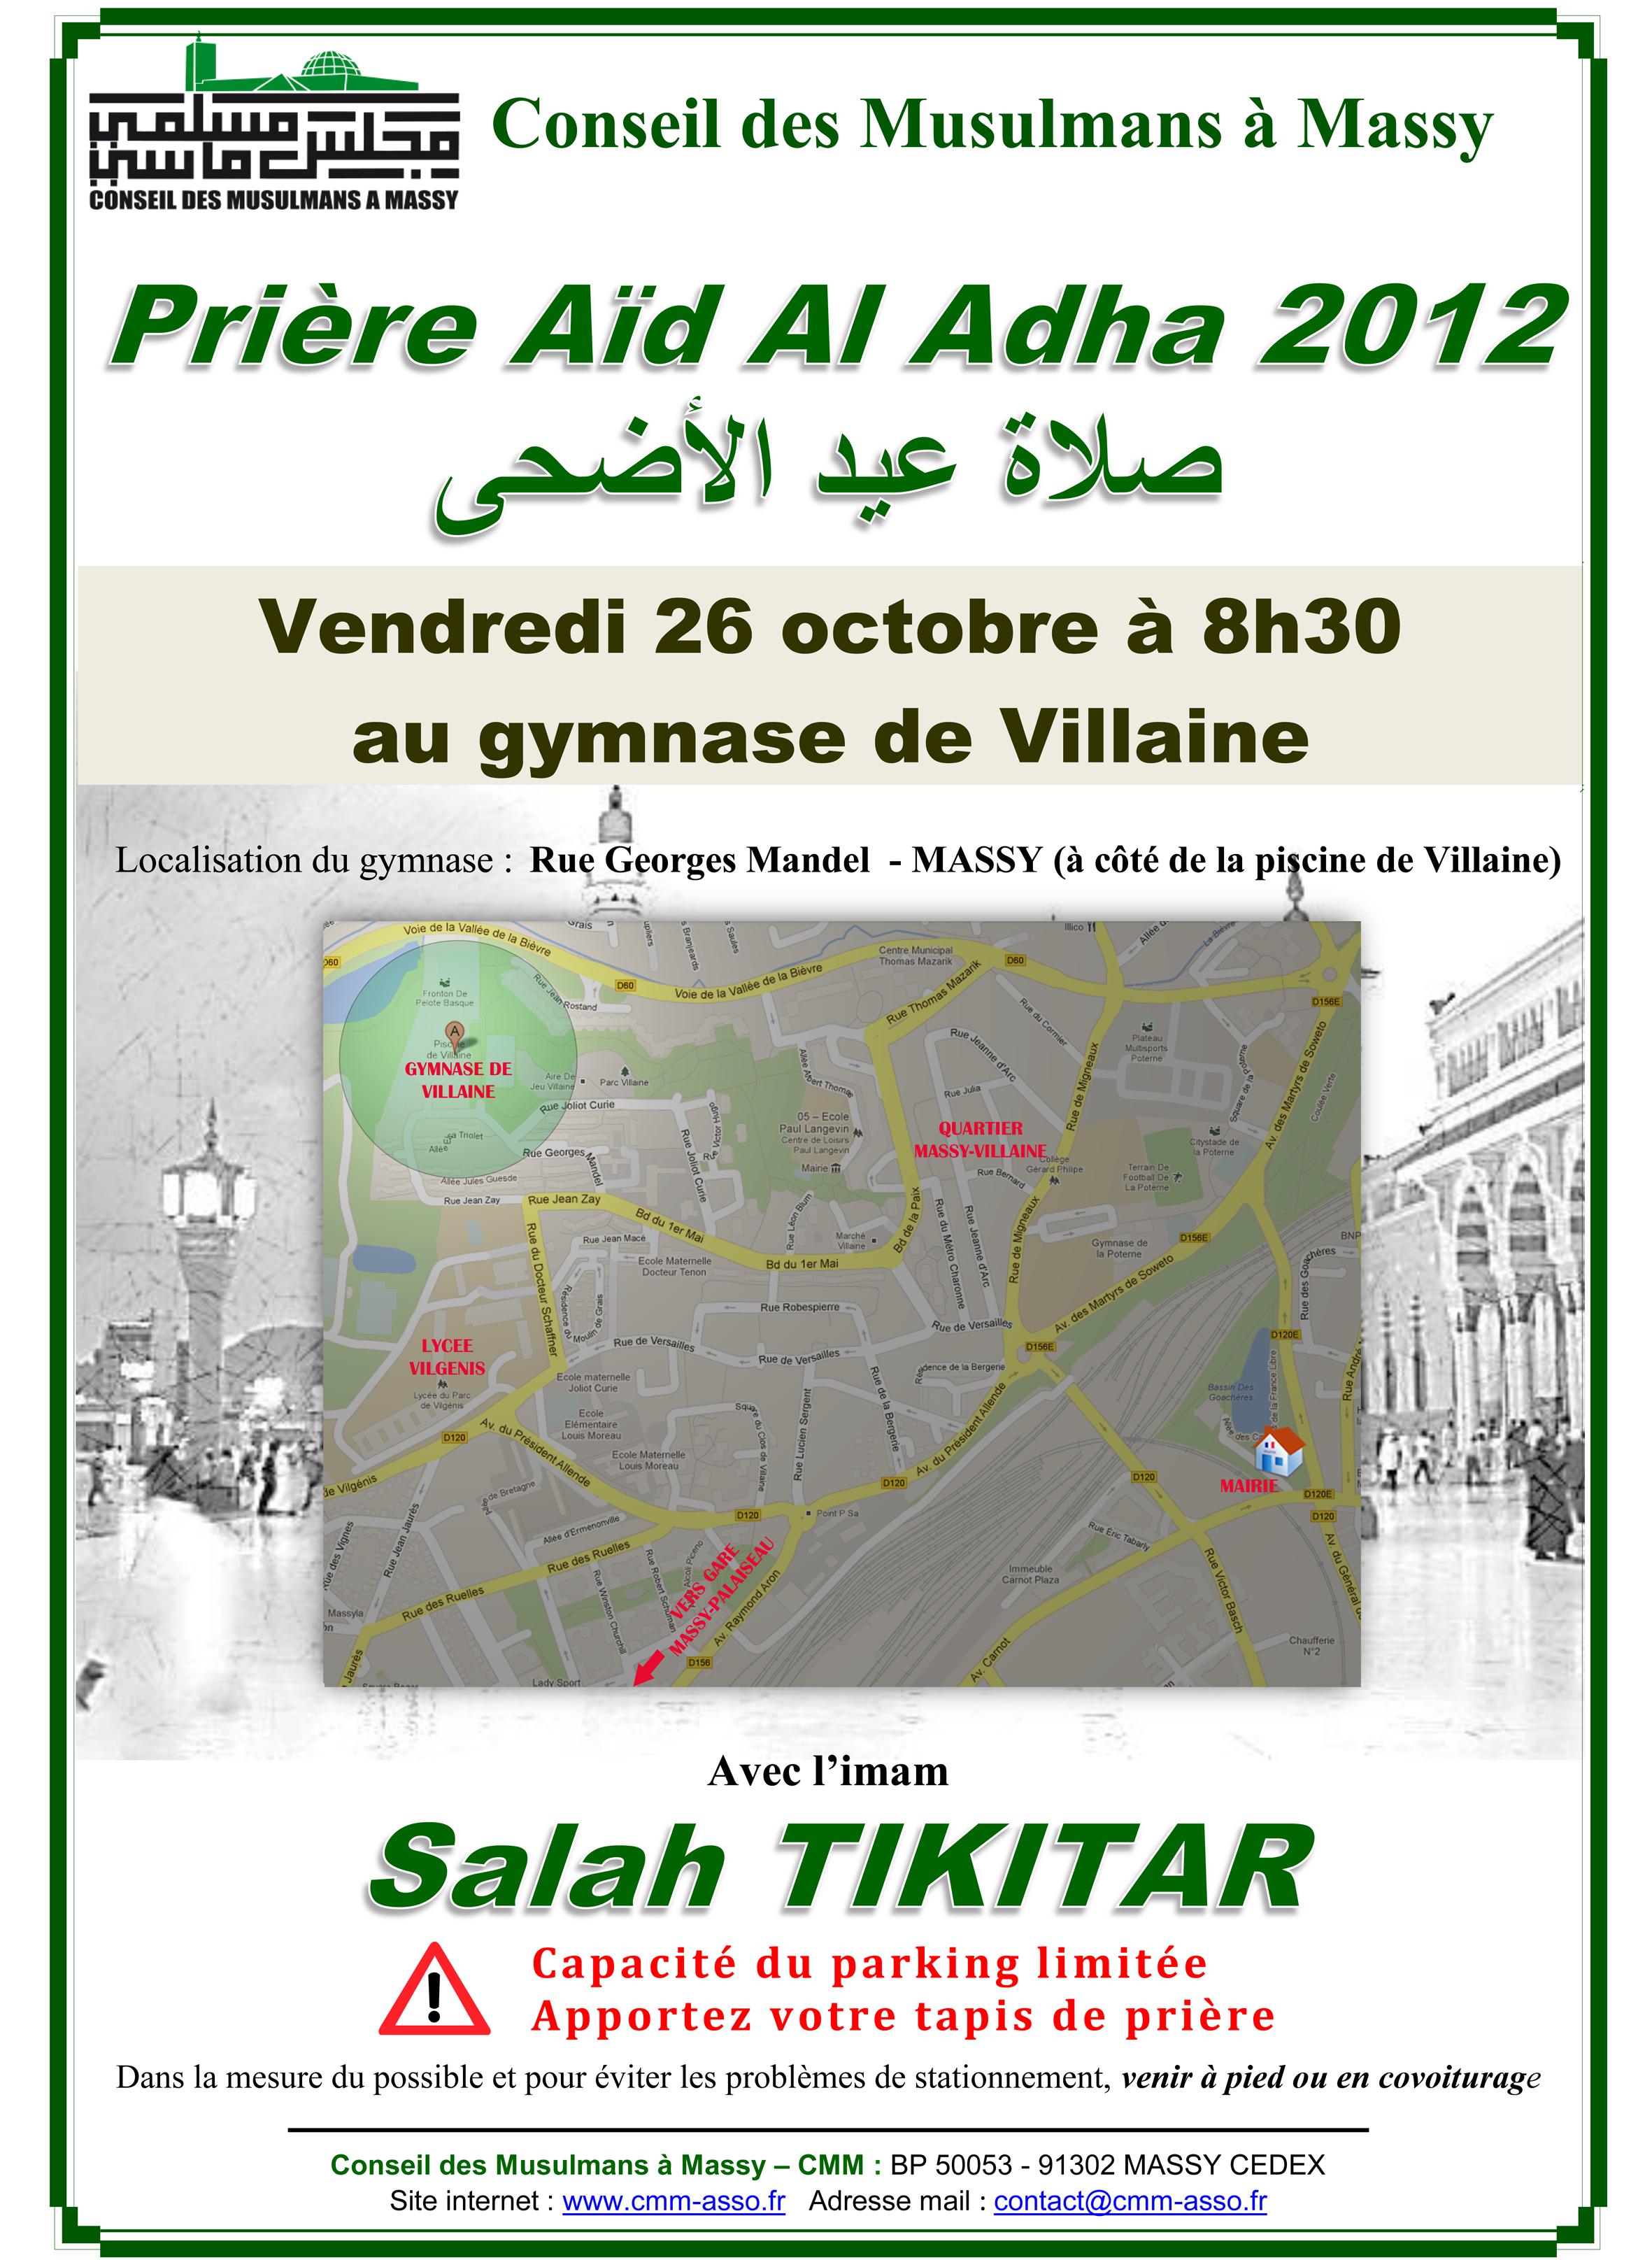 Affiche prière de l'Aïd Al Adha 2012